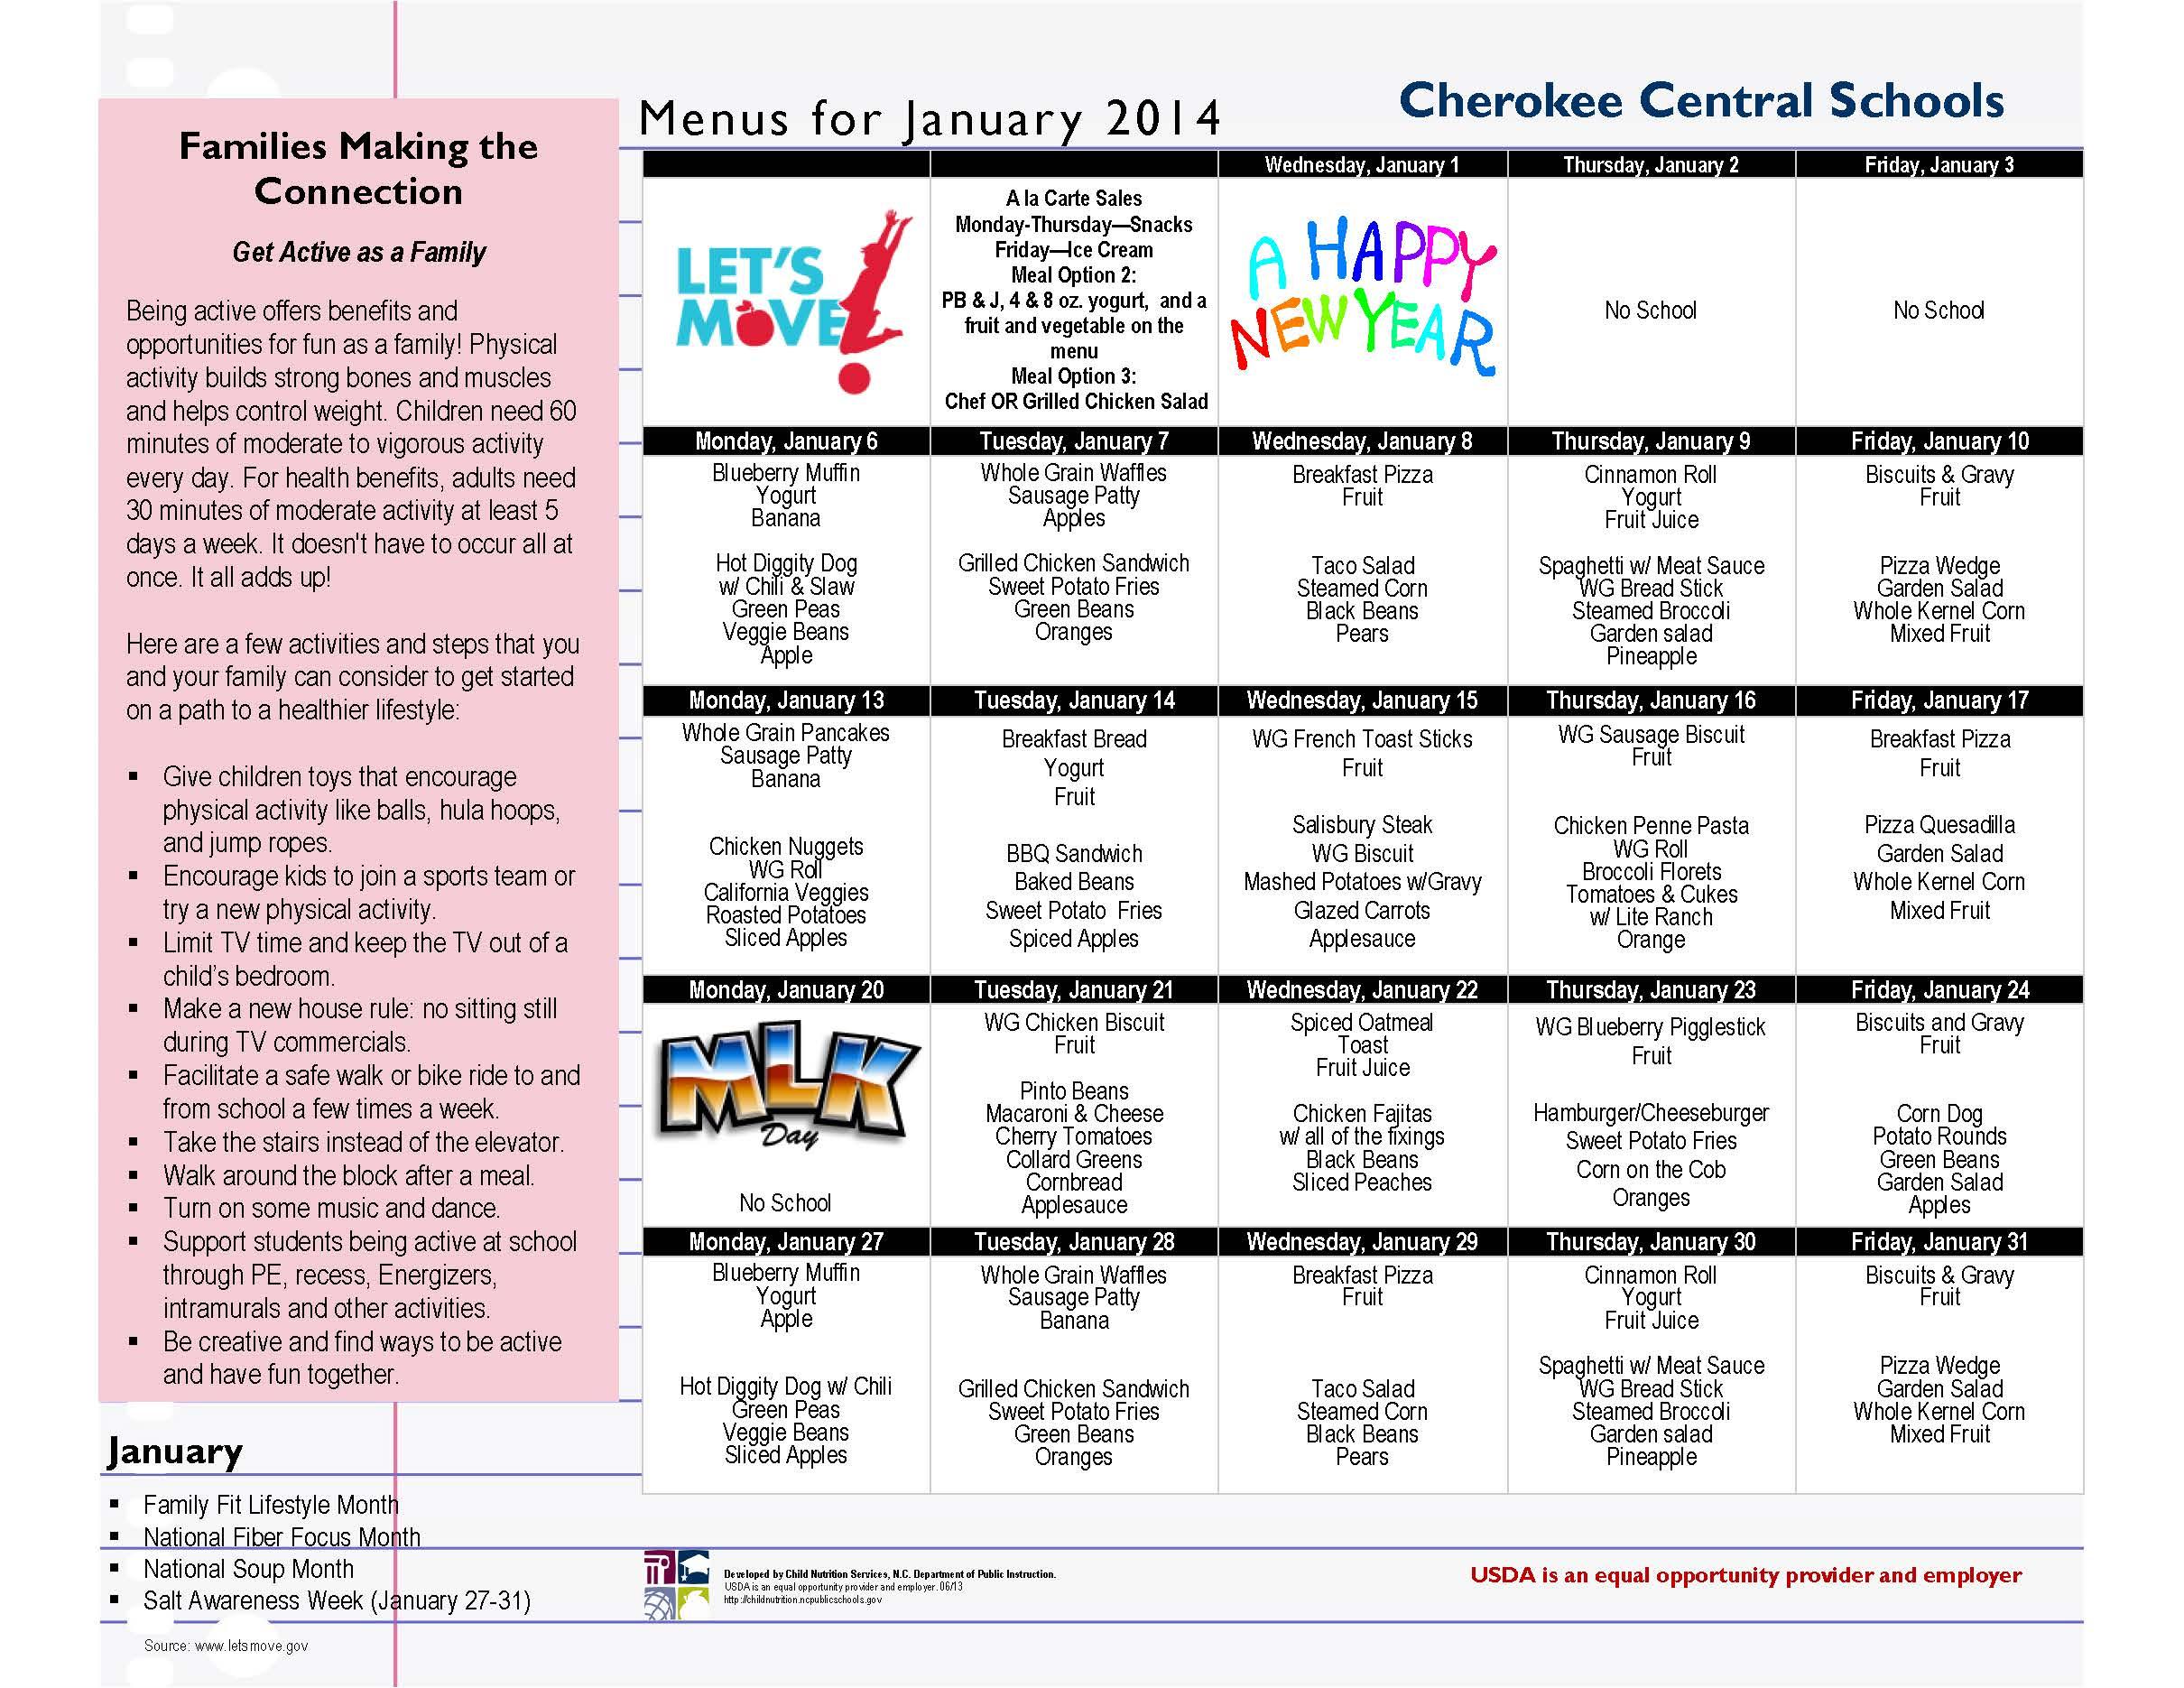 CCS January 2014 Menu